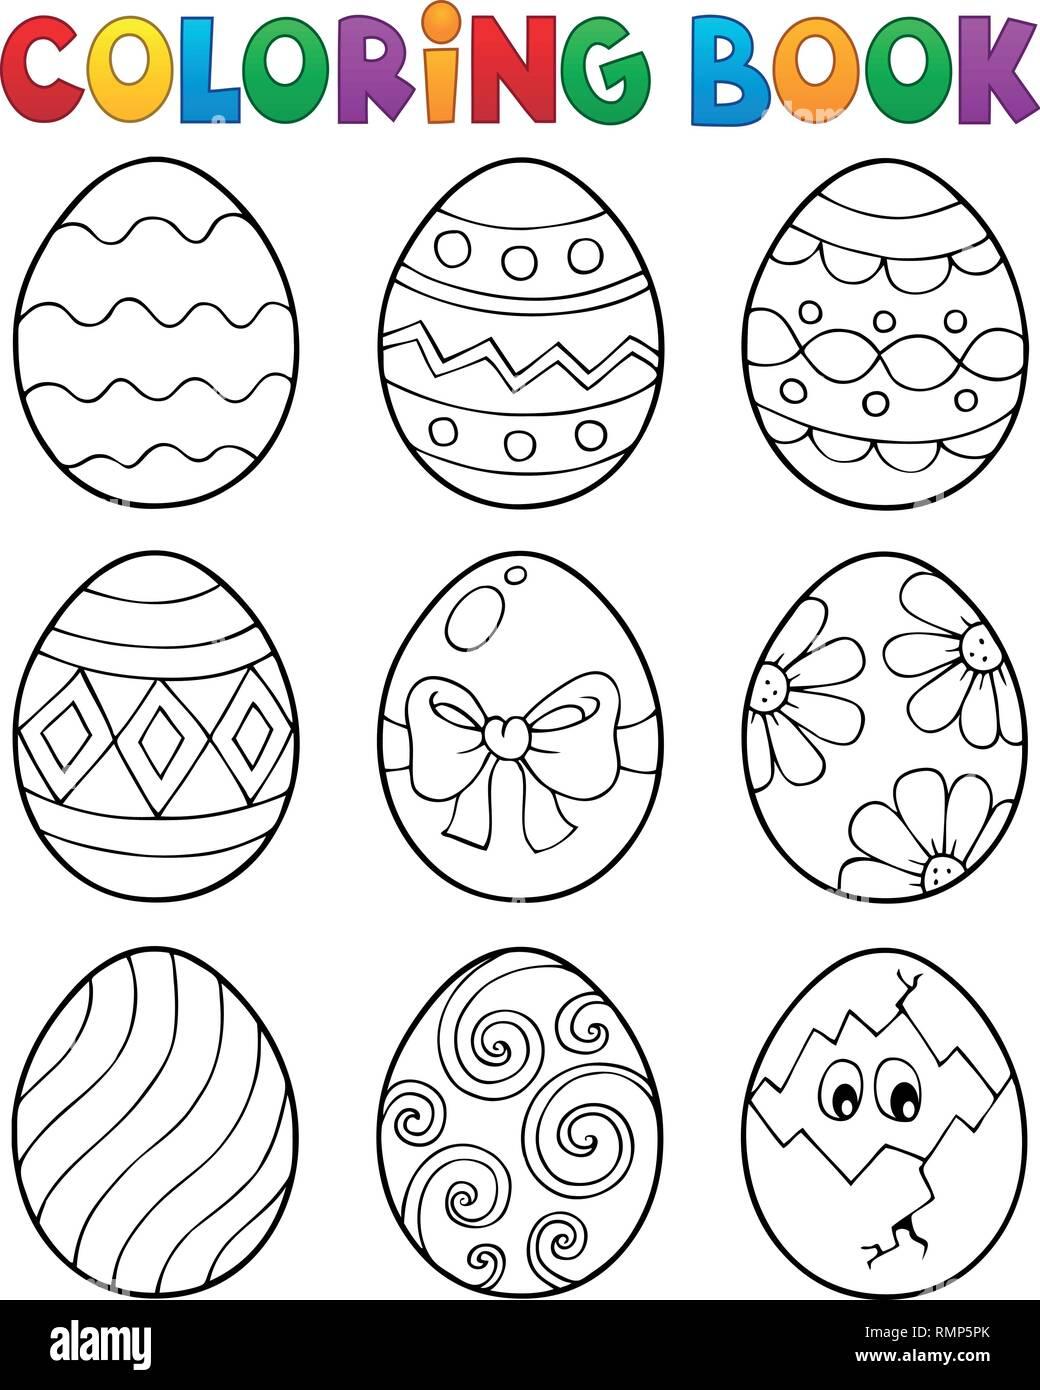 Libro Para Colorear Huevos De Pascua Tema 3 Eps10 Ilustración